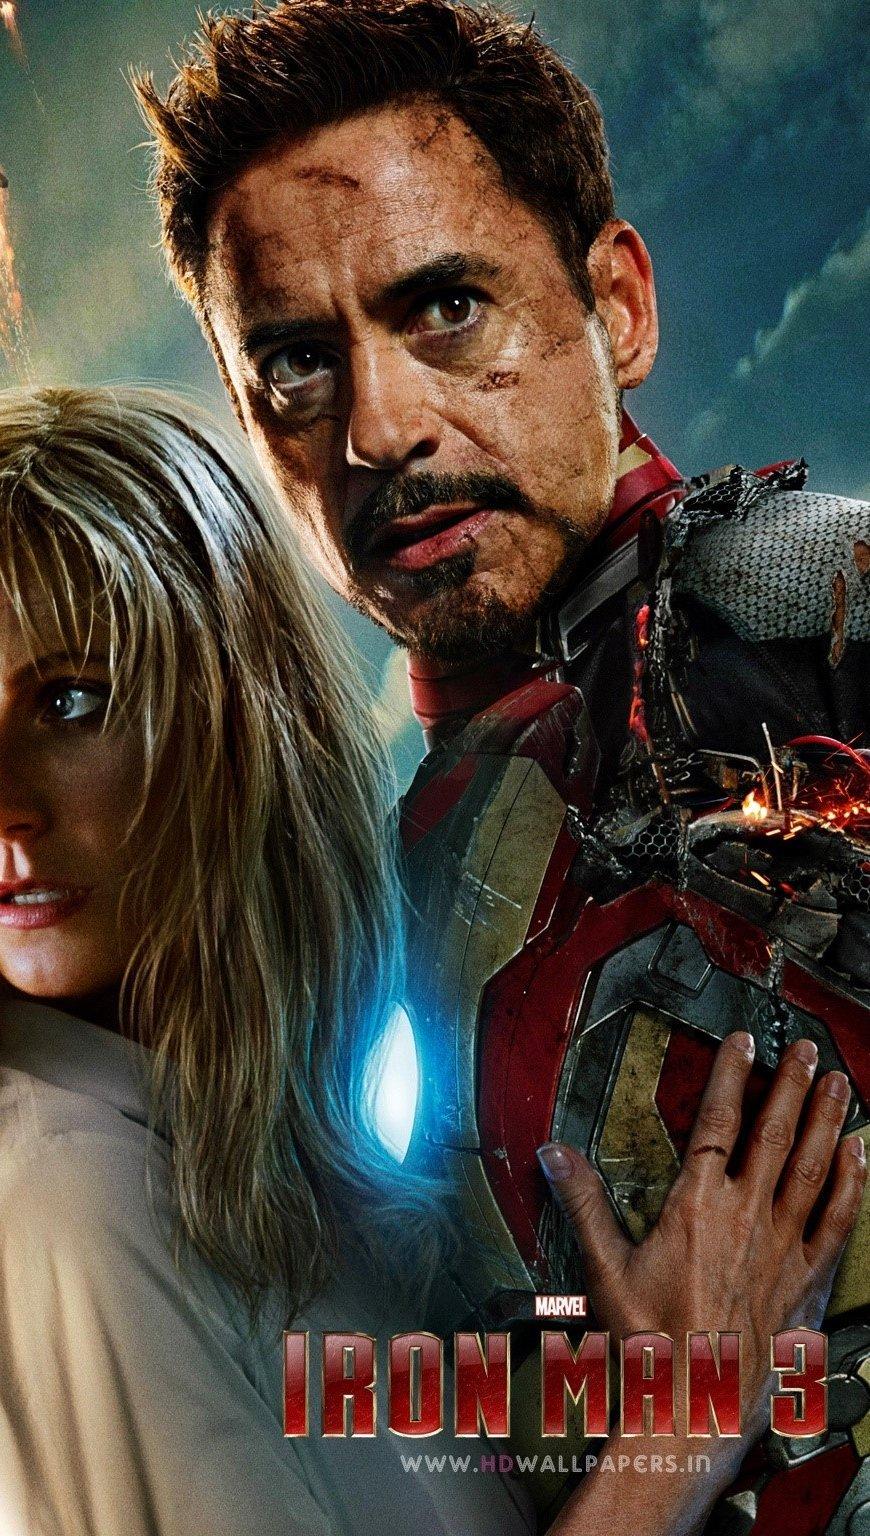 Wallpaper Robert Downey Jr in Iron Man 3 Vertical